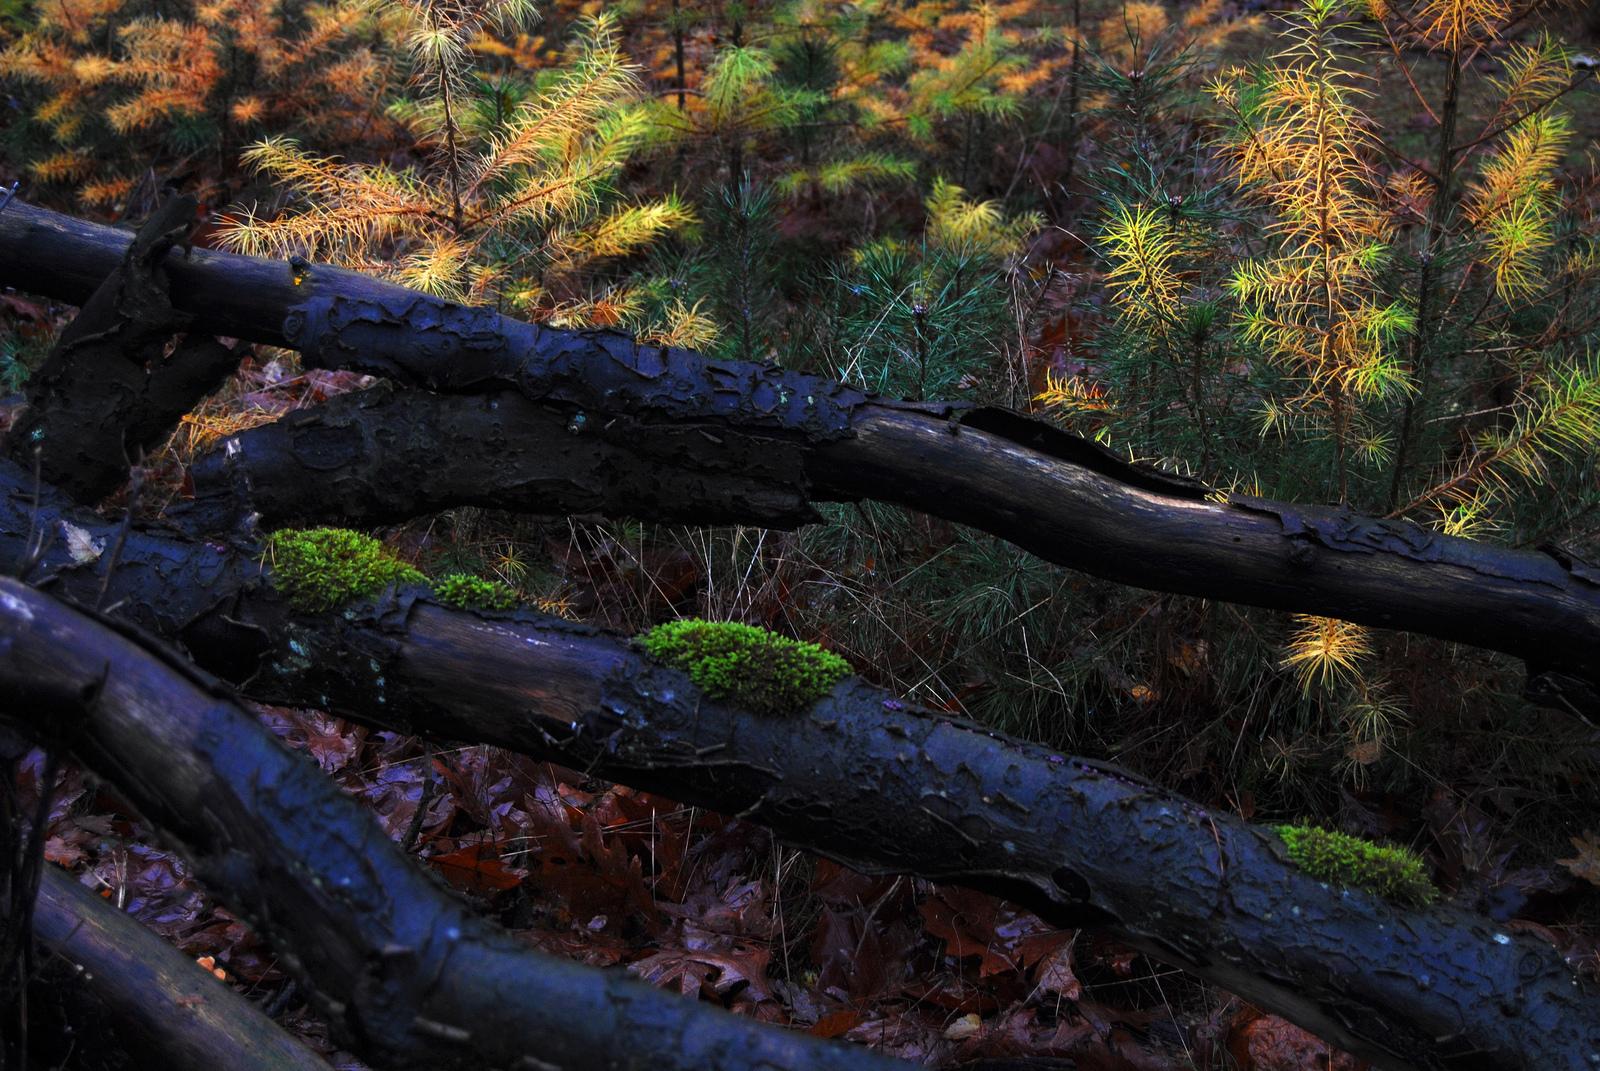 The forest floor at the Utrechtse Heuvelrug